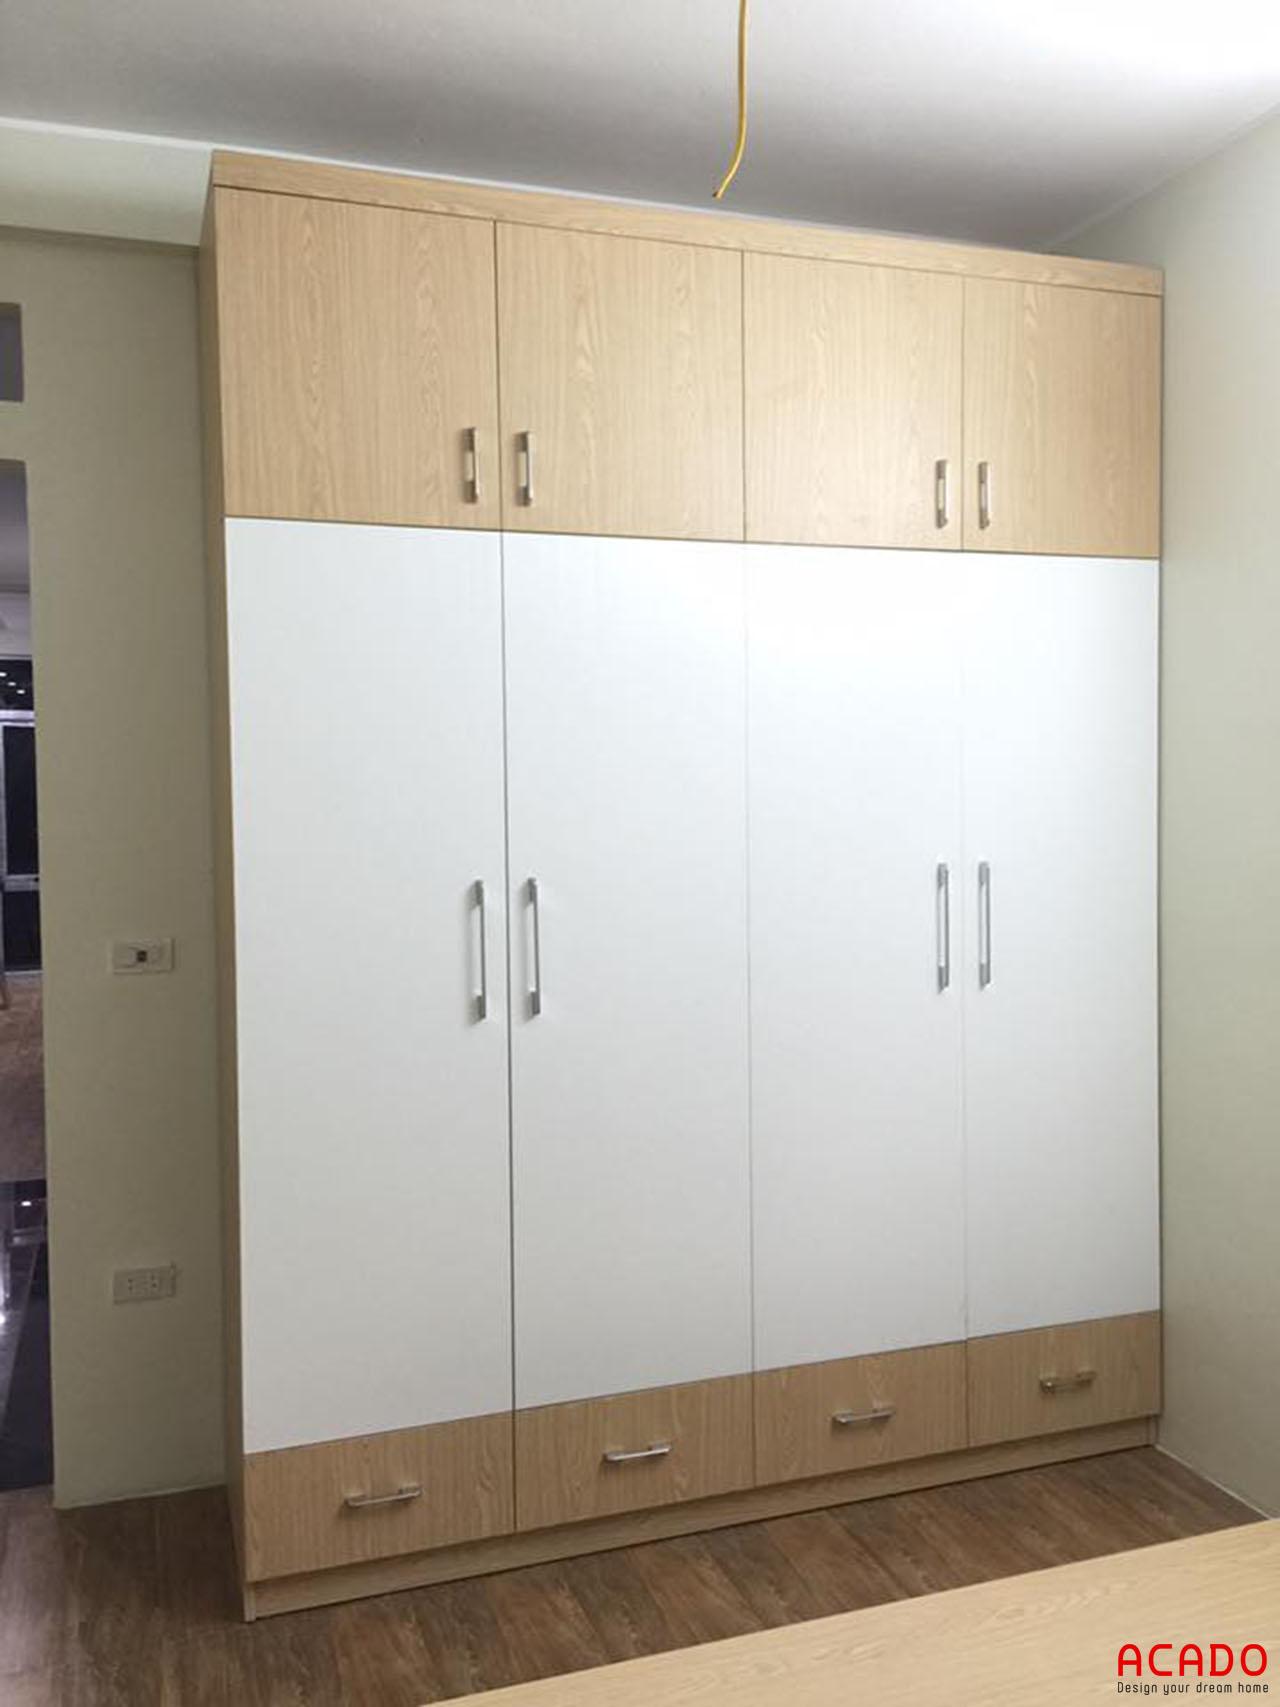 Tủ bếp gỗ công nghiệp Laminate đẹp, hiện đại cho không gian phòng ngủ